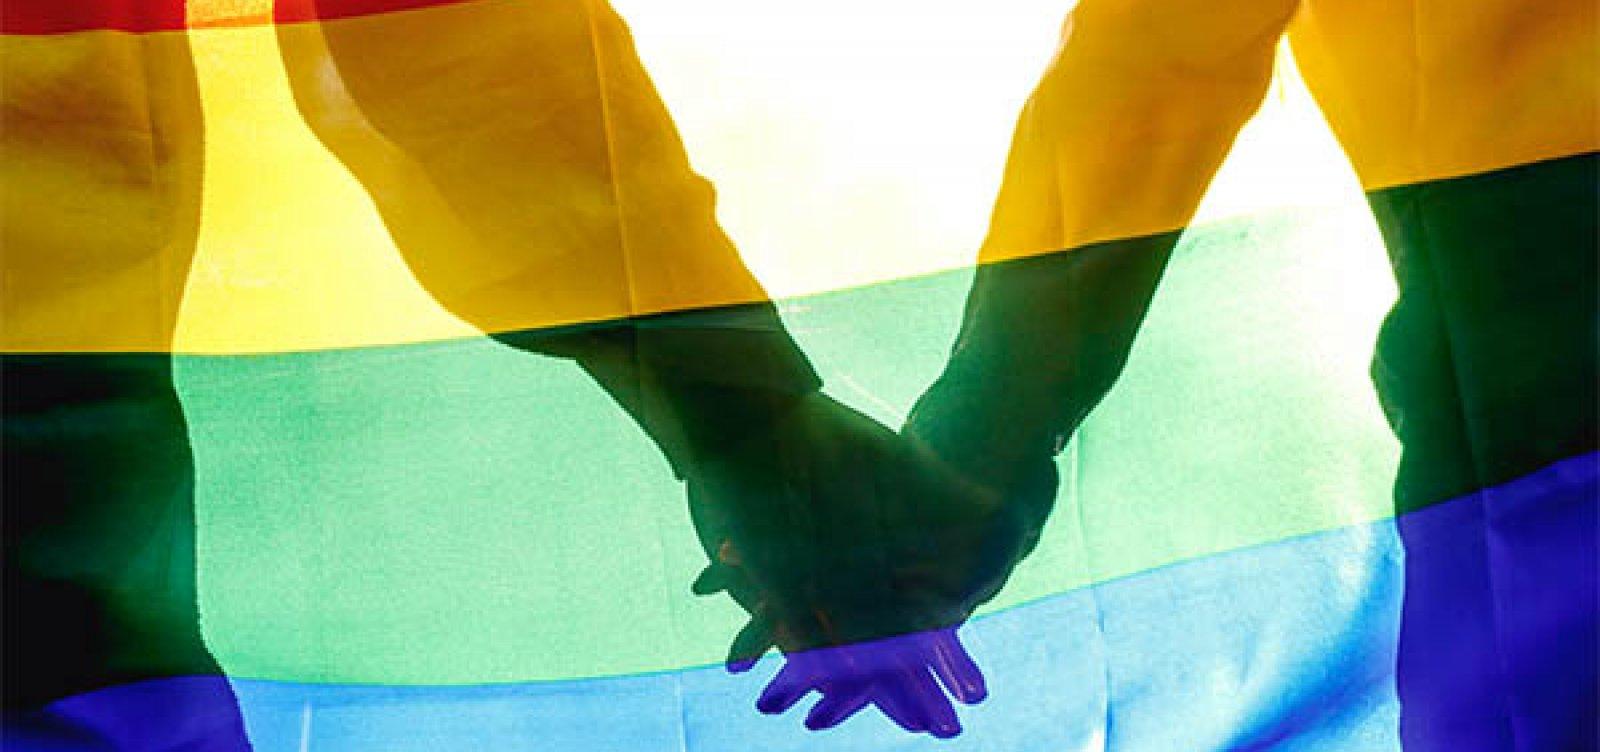 [Bancada evangélica quer delimitar homofobia, diz coluna]